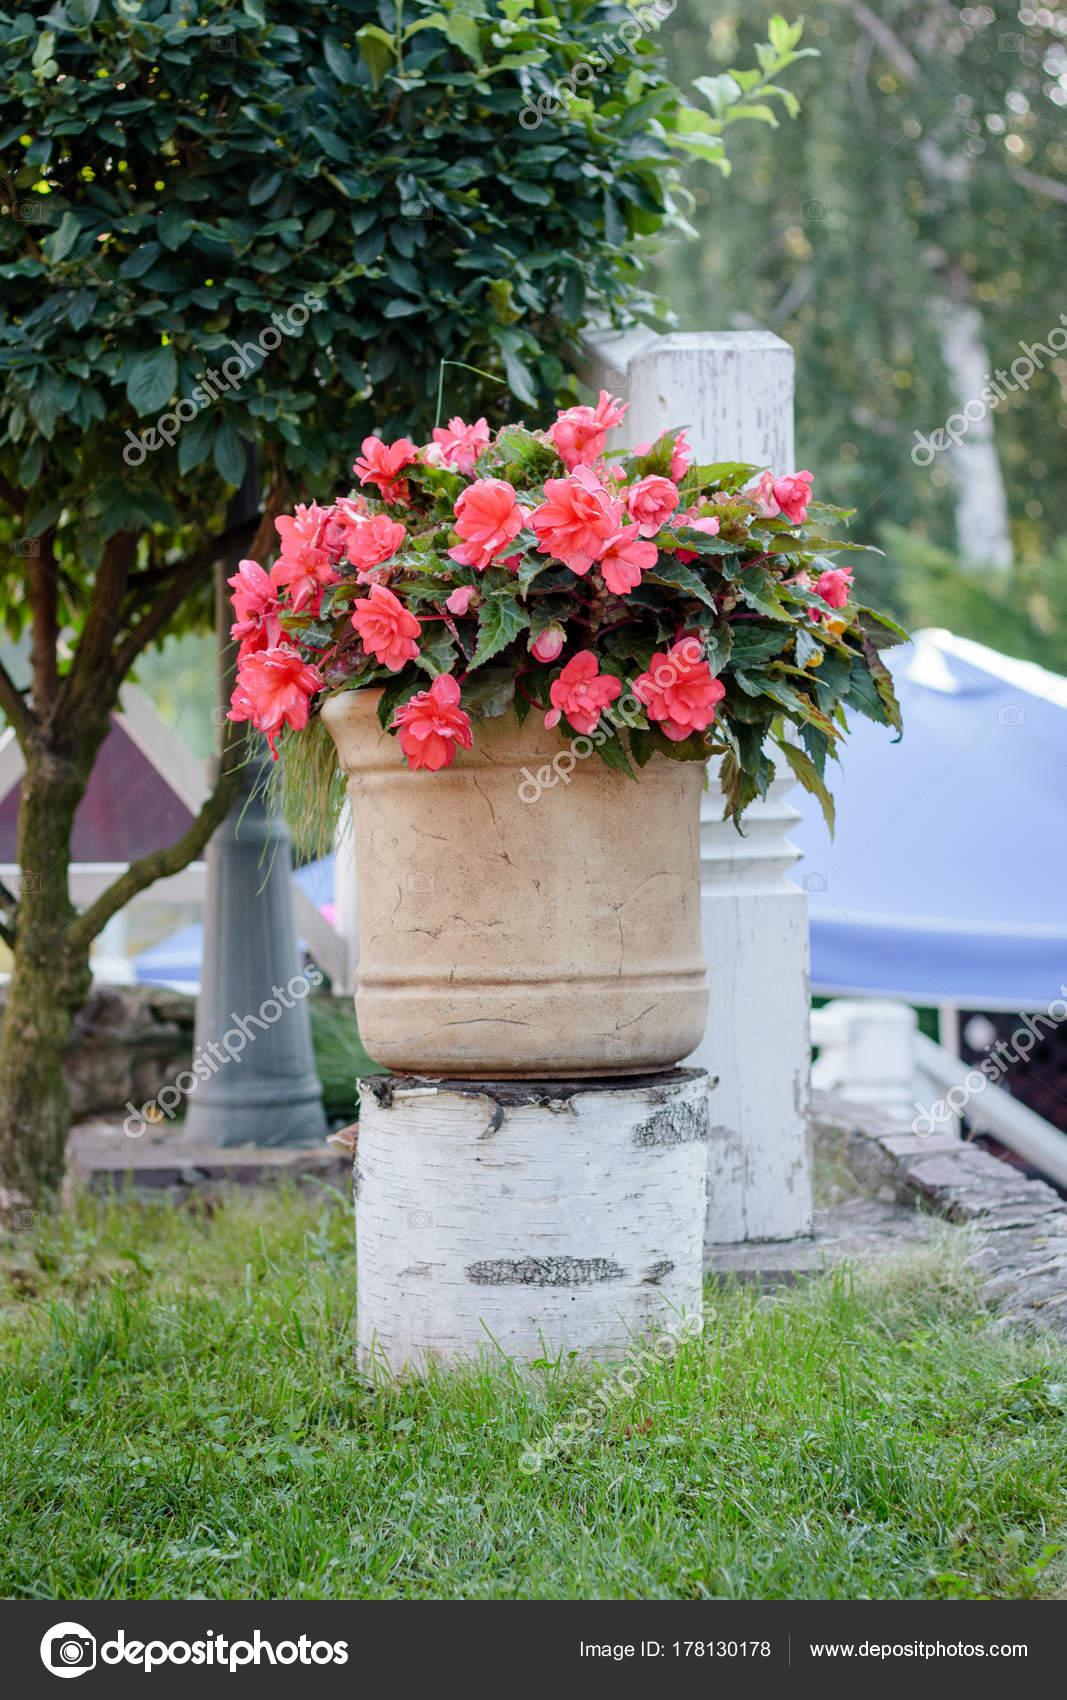 großer blumentopf mit begonien blumen am park — stockfoto